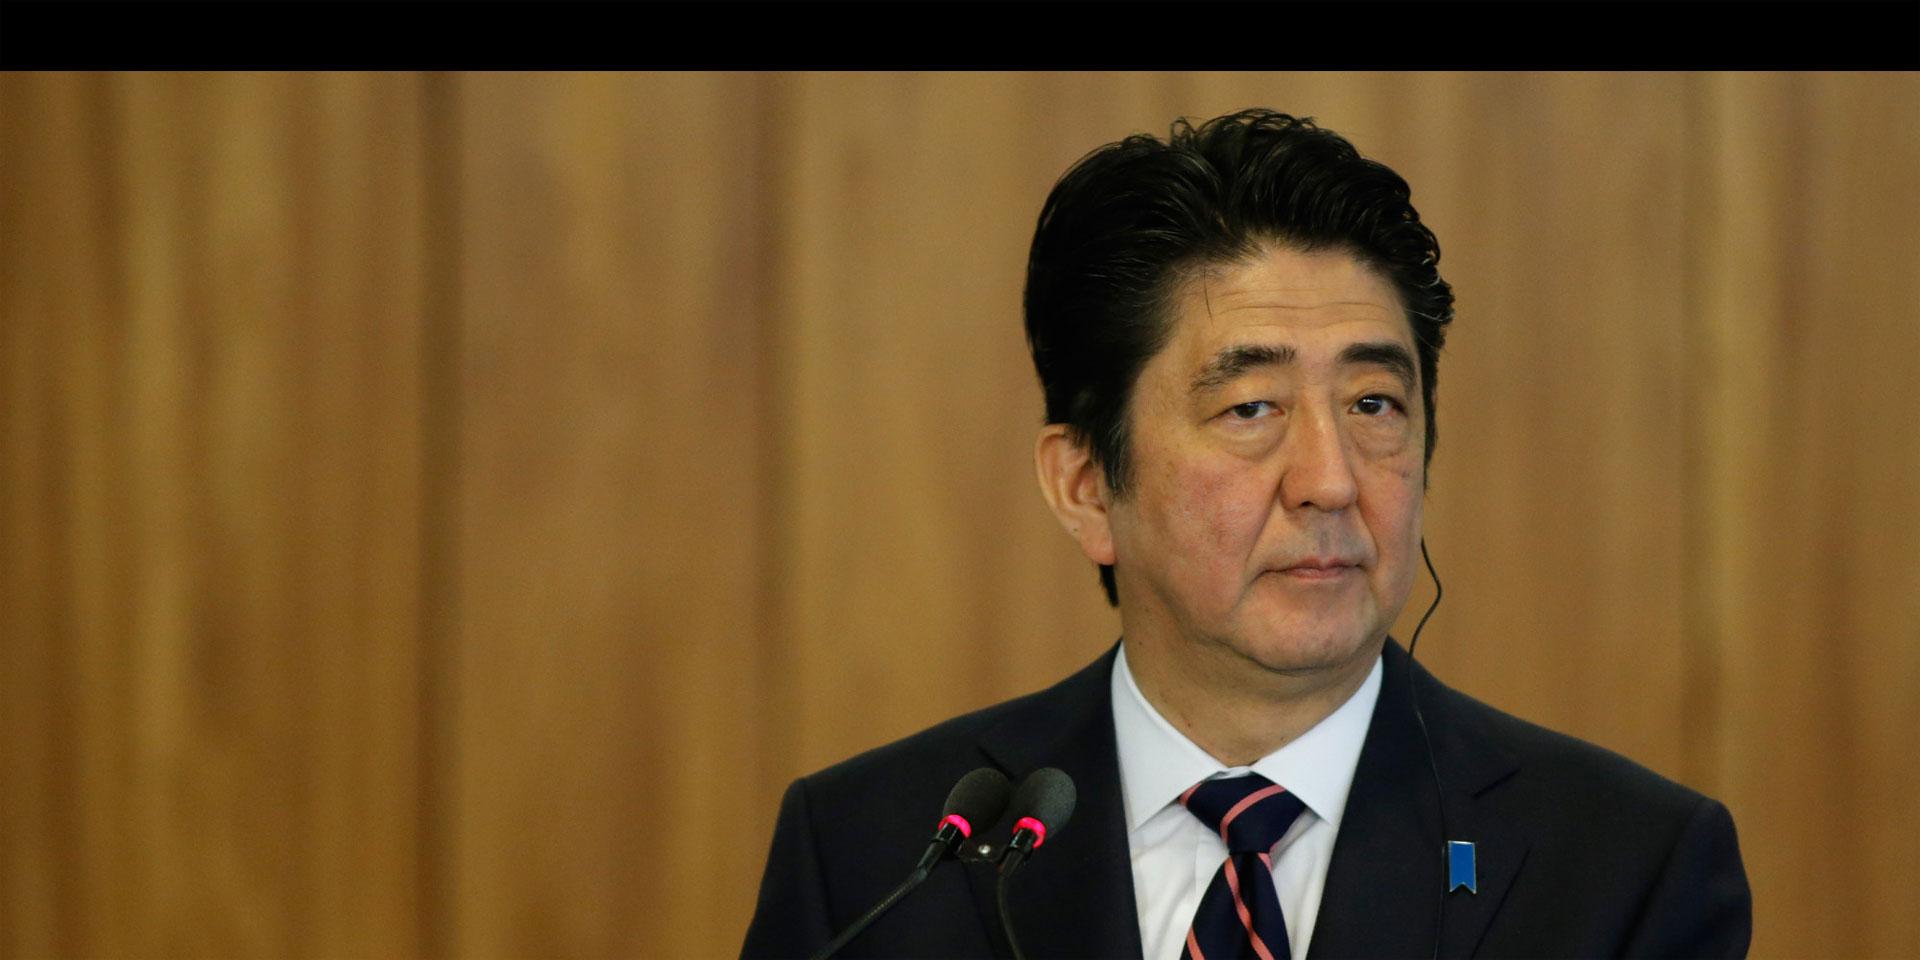 Las acciones de la NSA habrían ofendido a los nipones